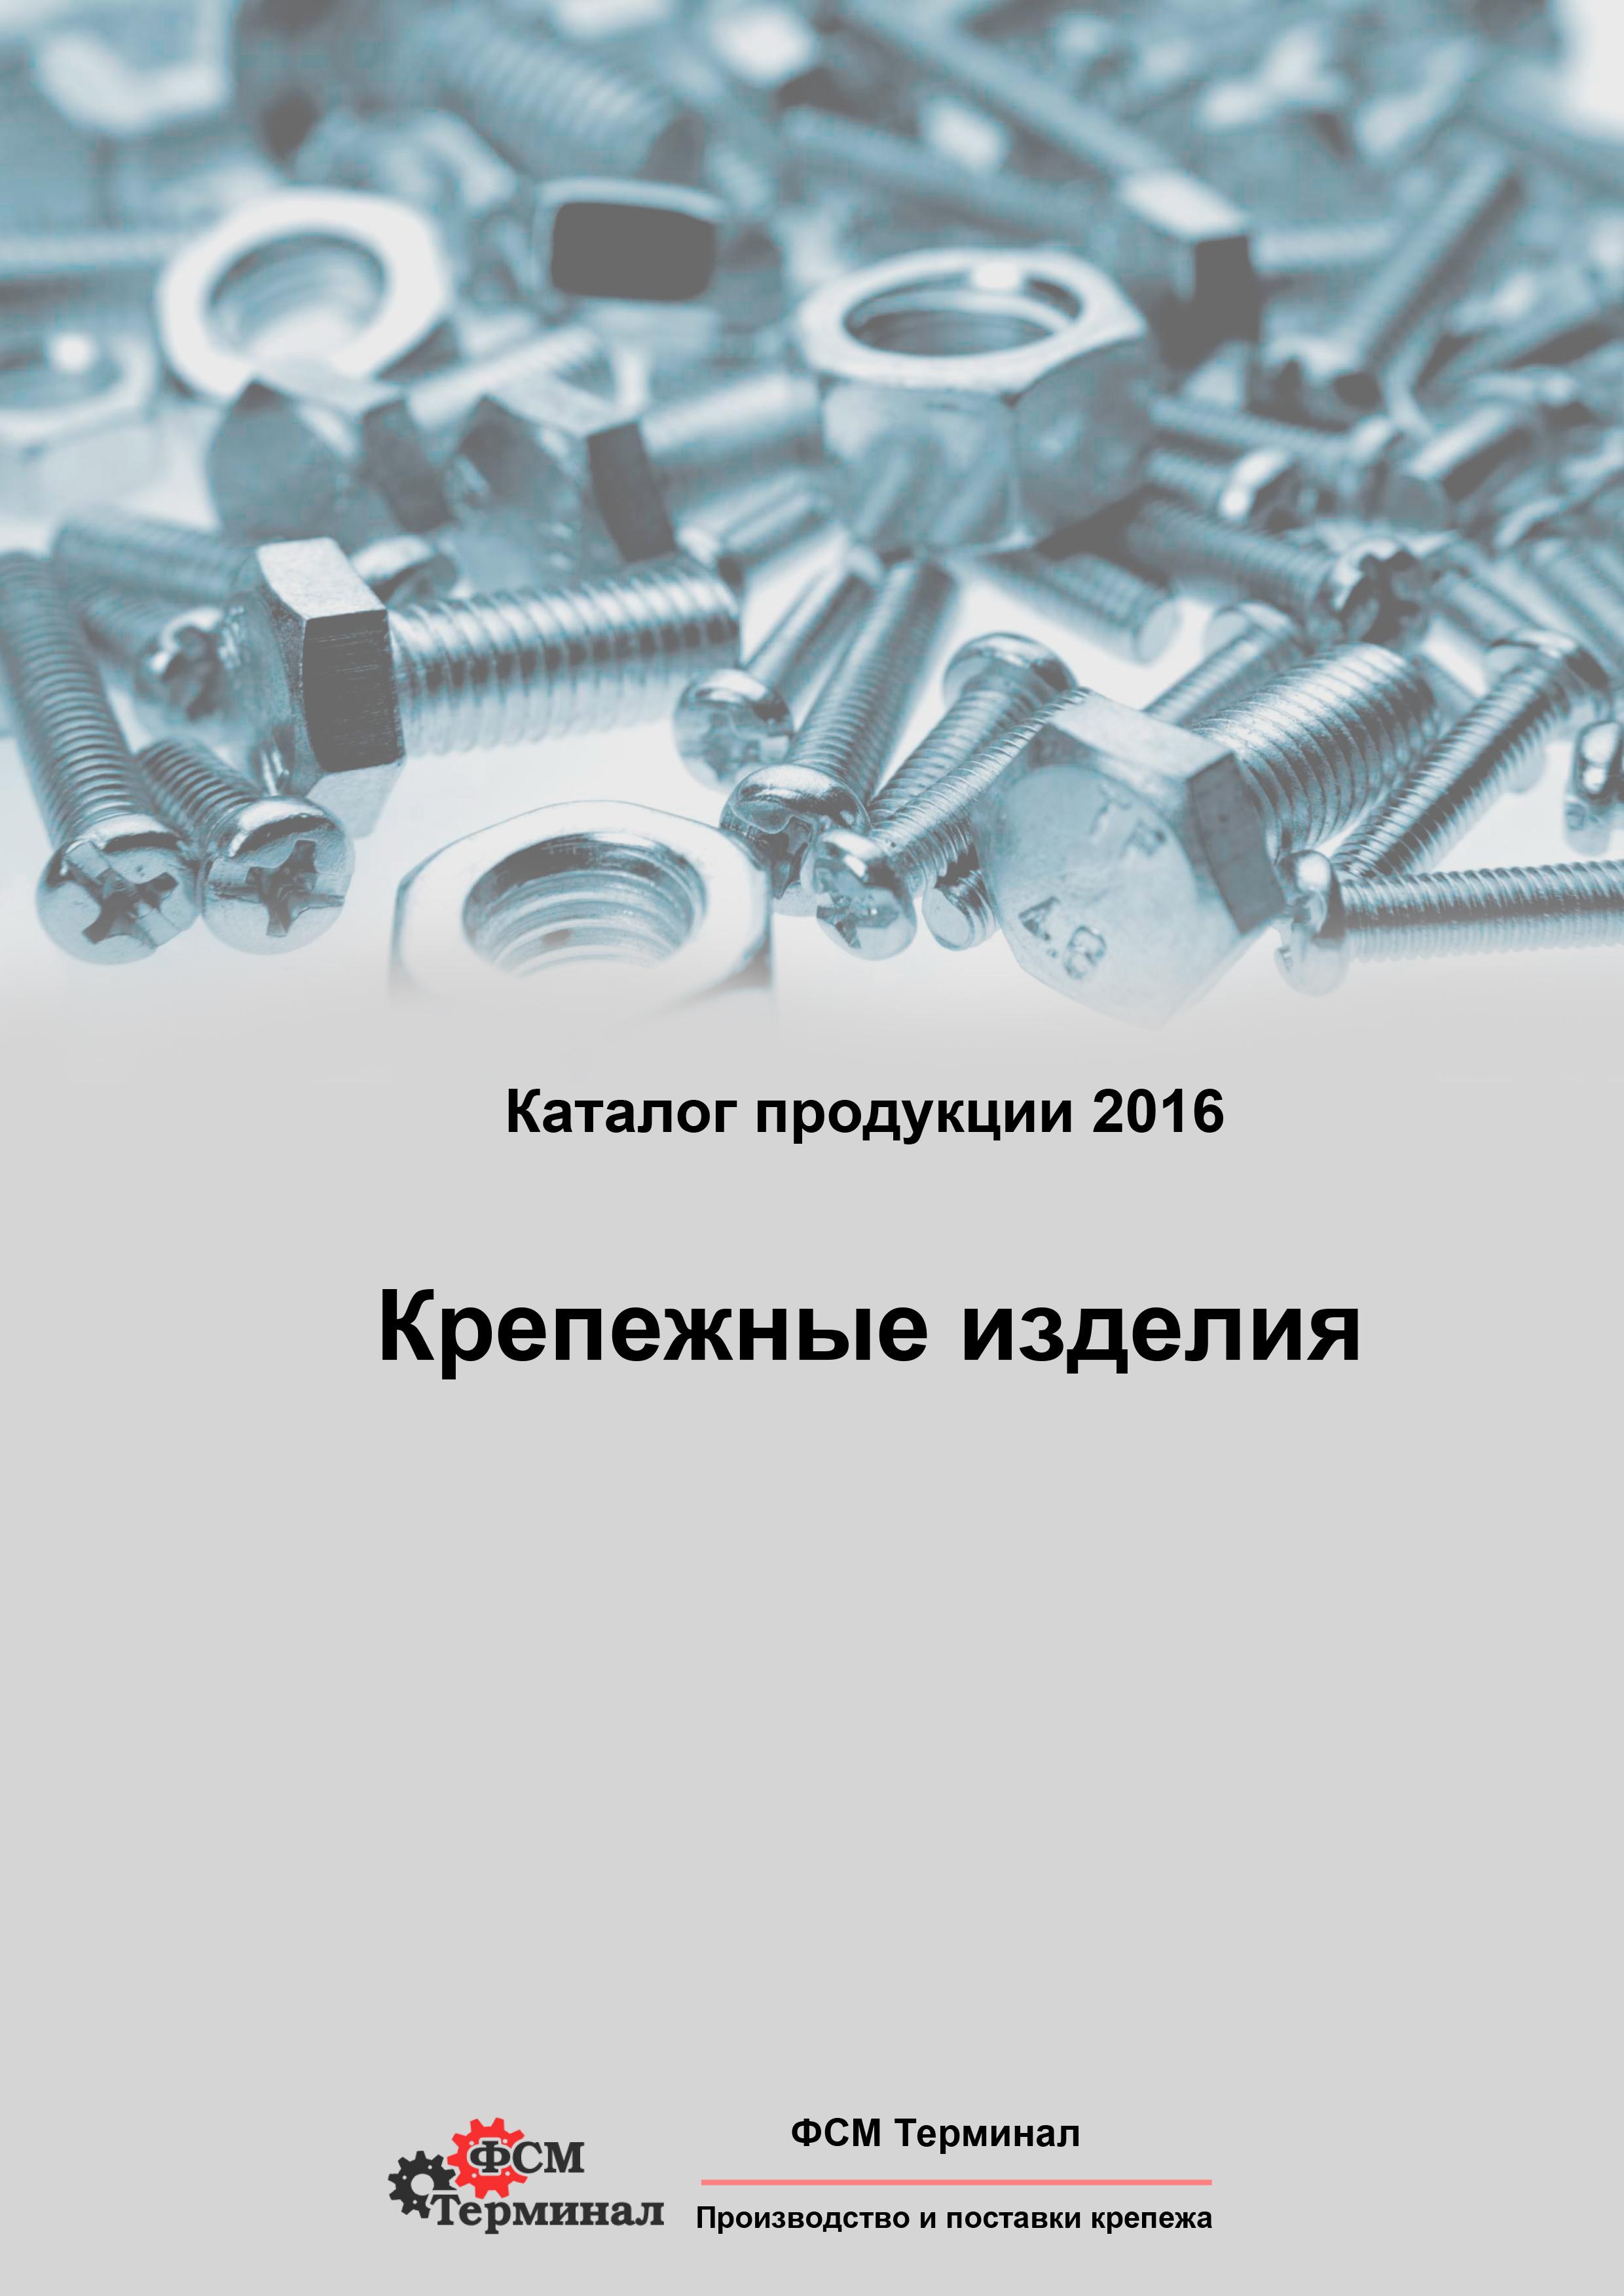 Каталог крепежа ФСМ Терминал-1